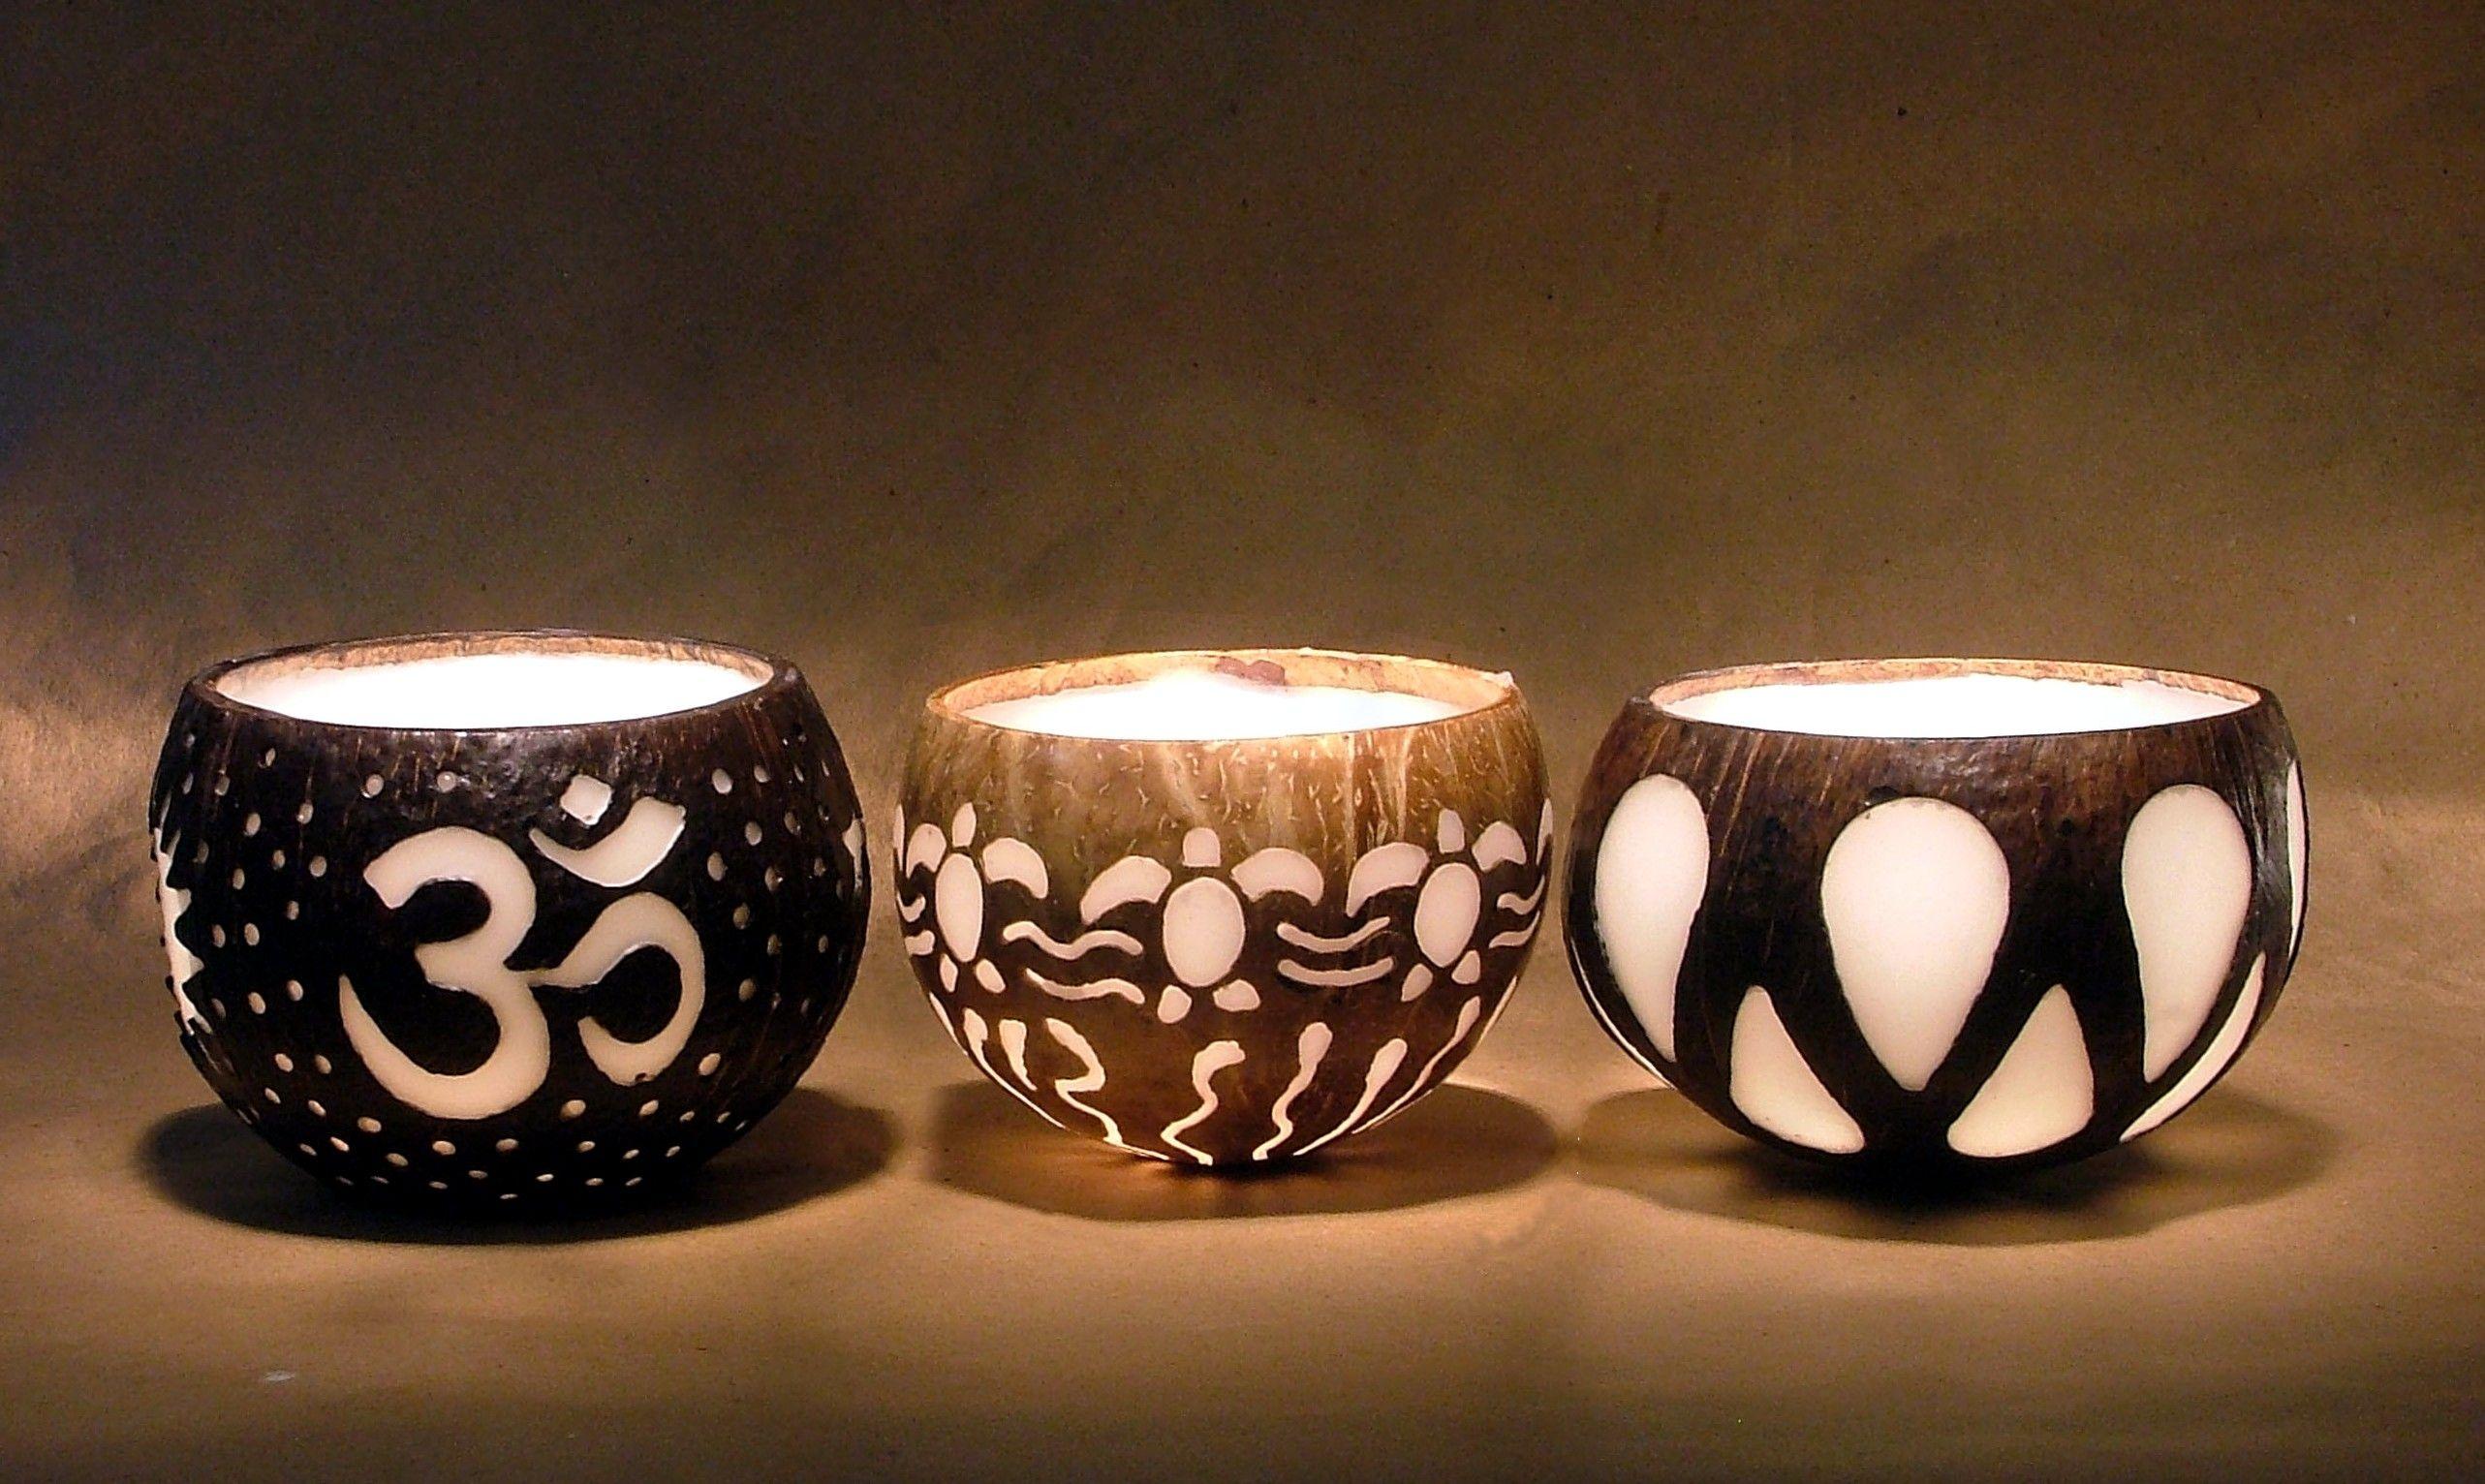 Velas e  Luminárias feitas na casca do coco seco.